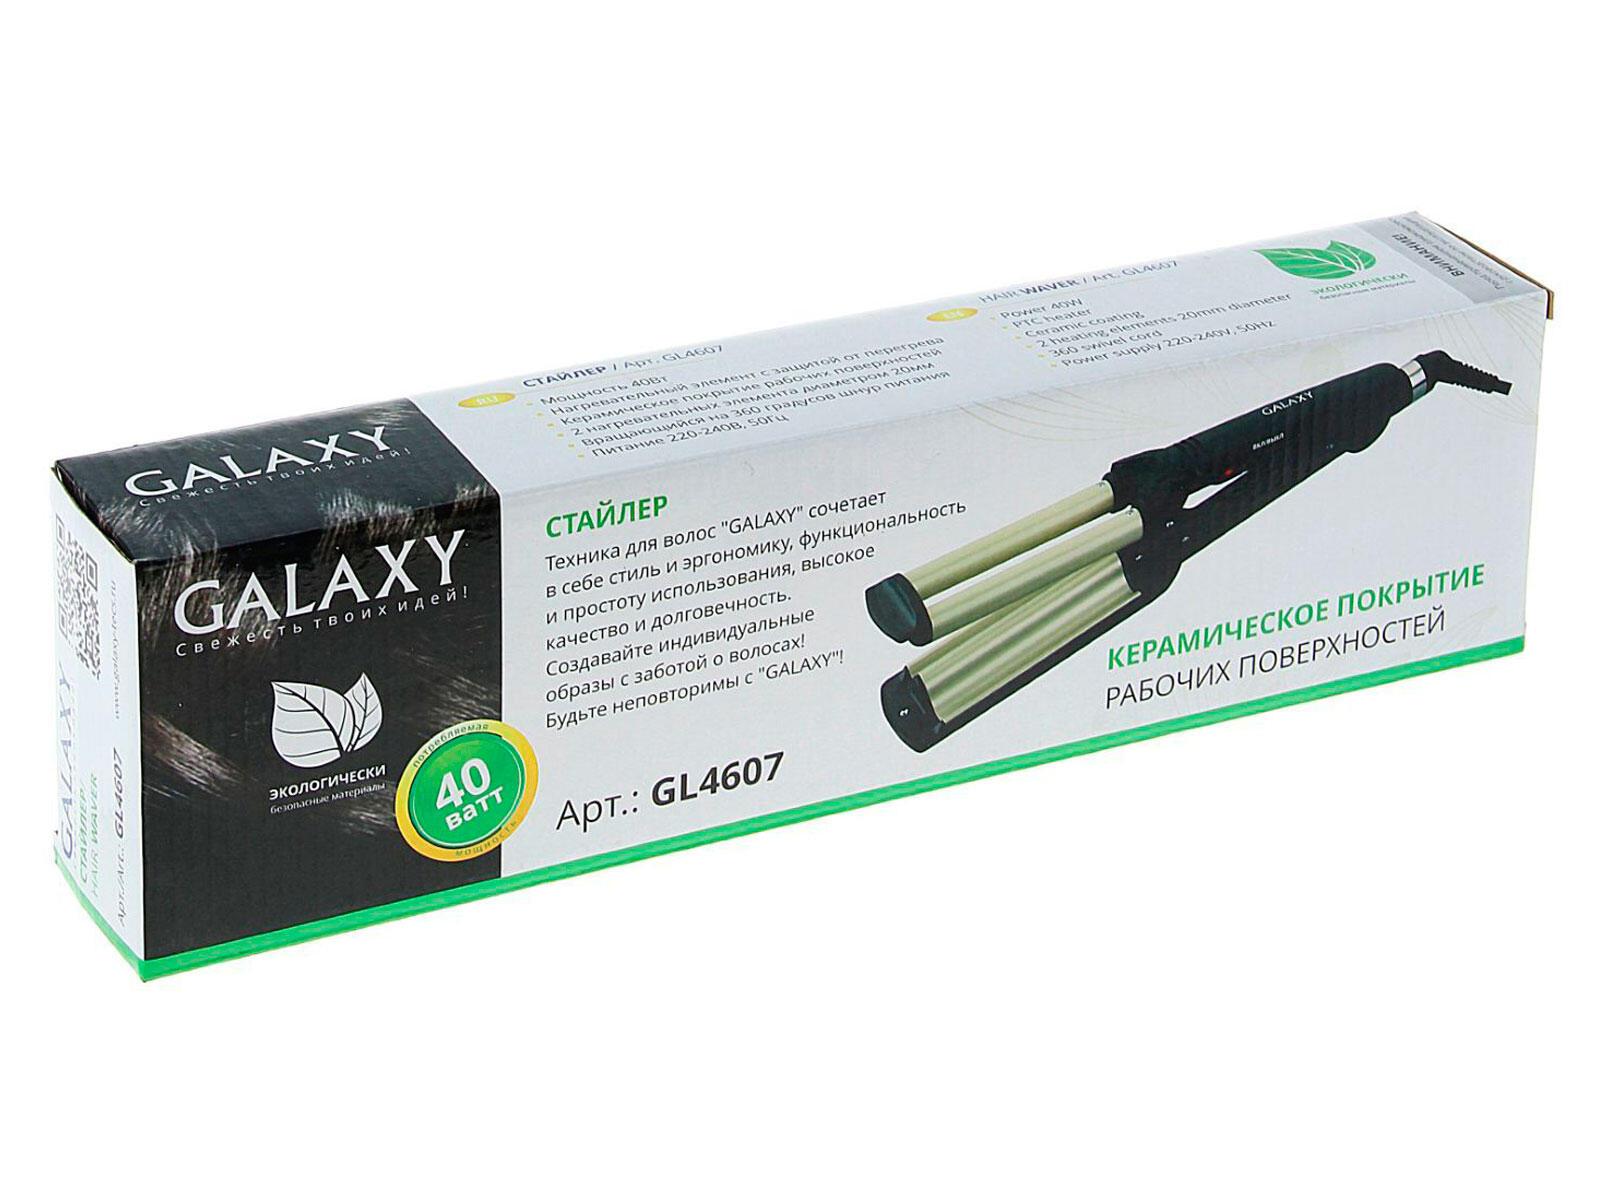 Стайлер галакси для завивки волос